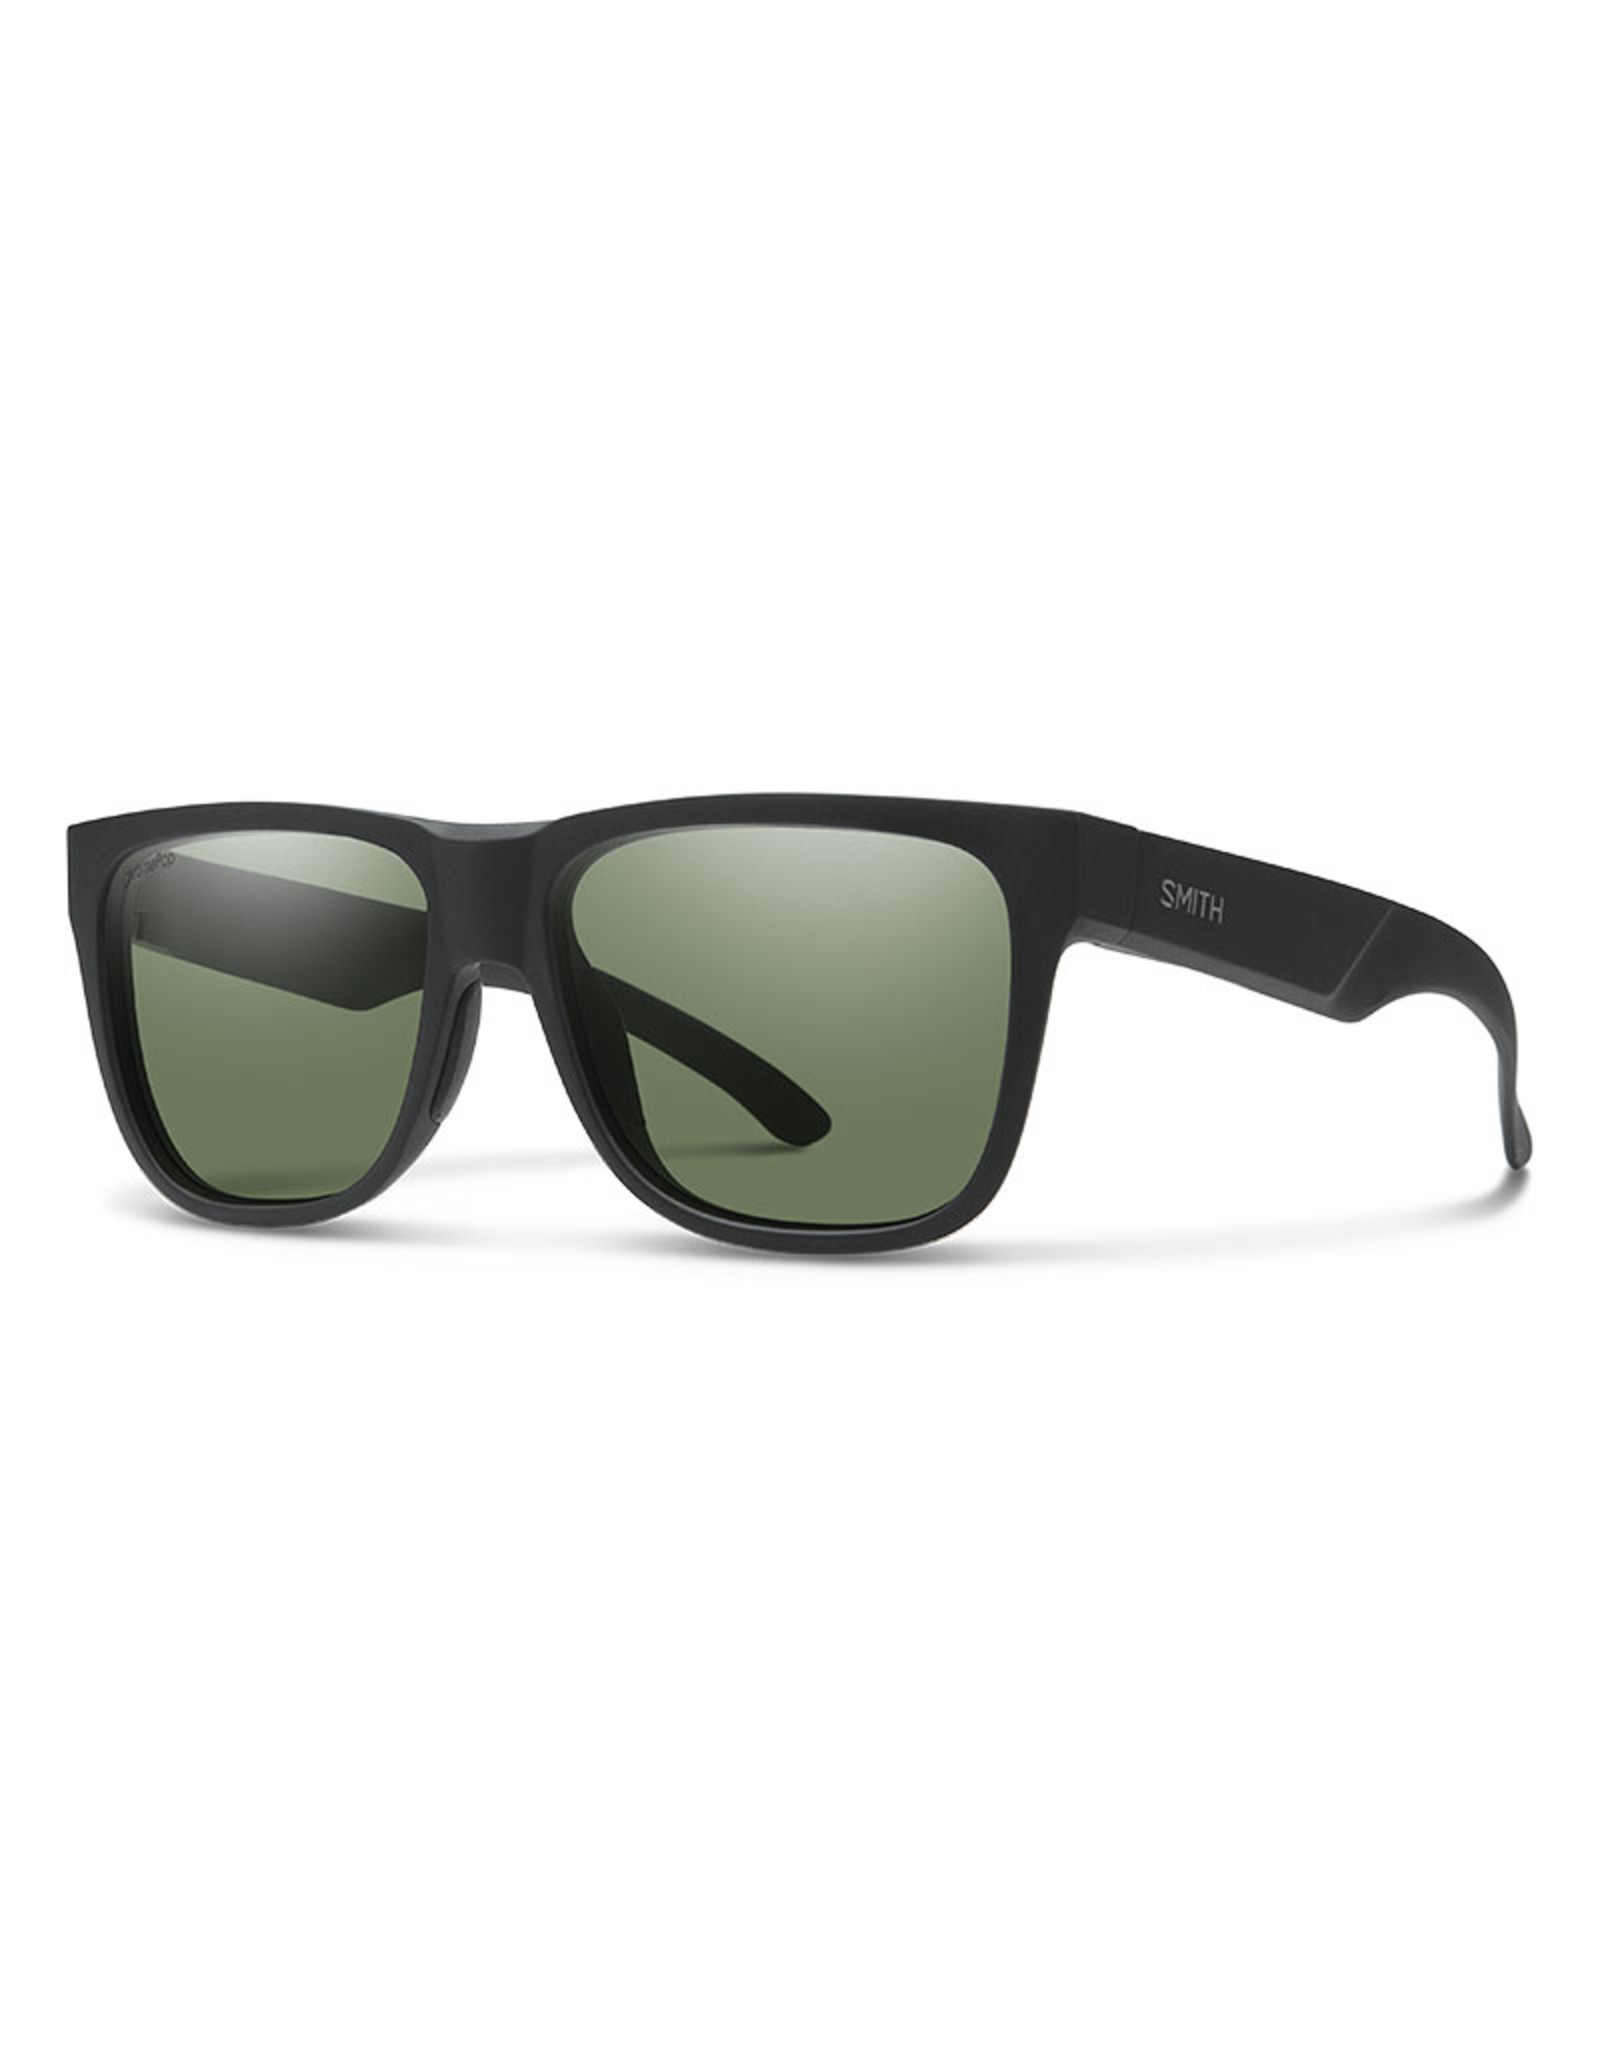 Smith SMITH LOWDOWN 2 Matte black Polarized Gray Green